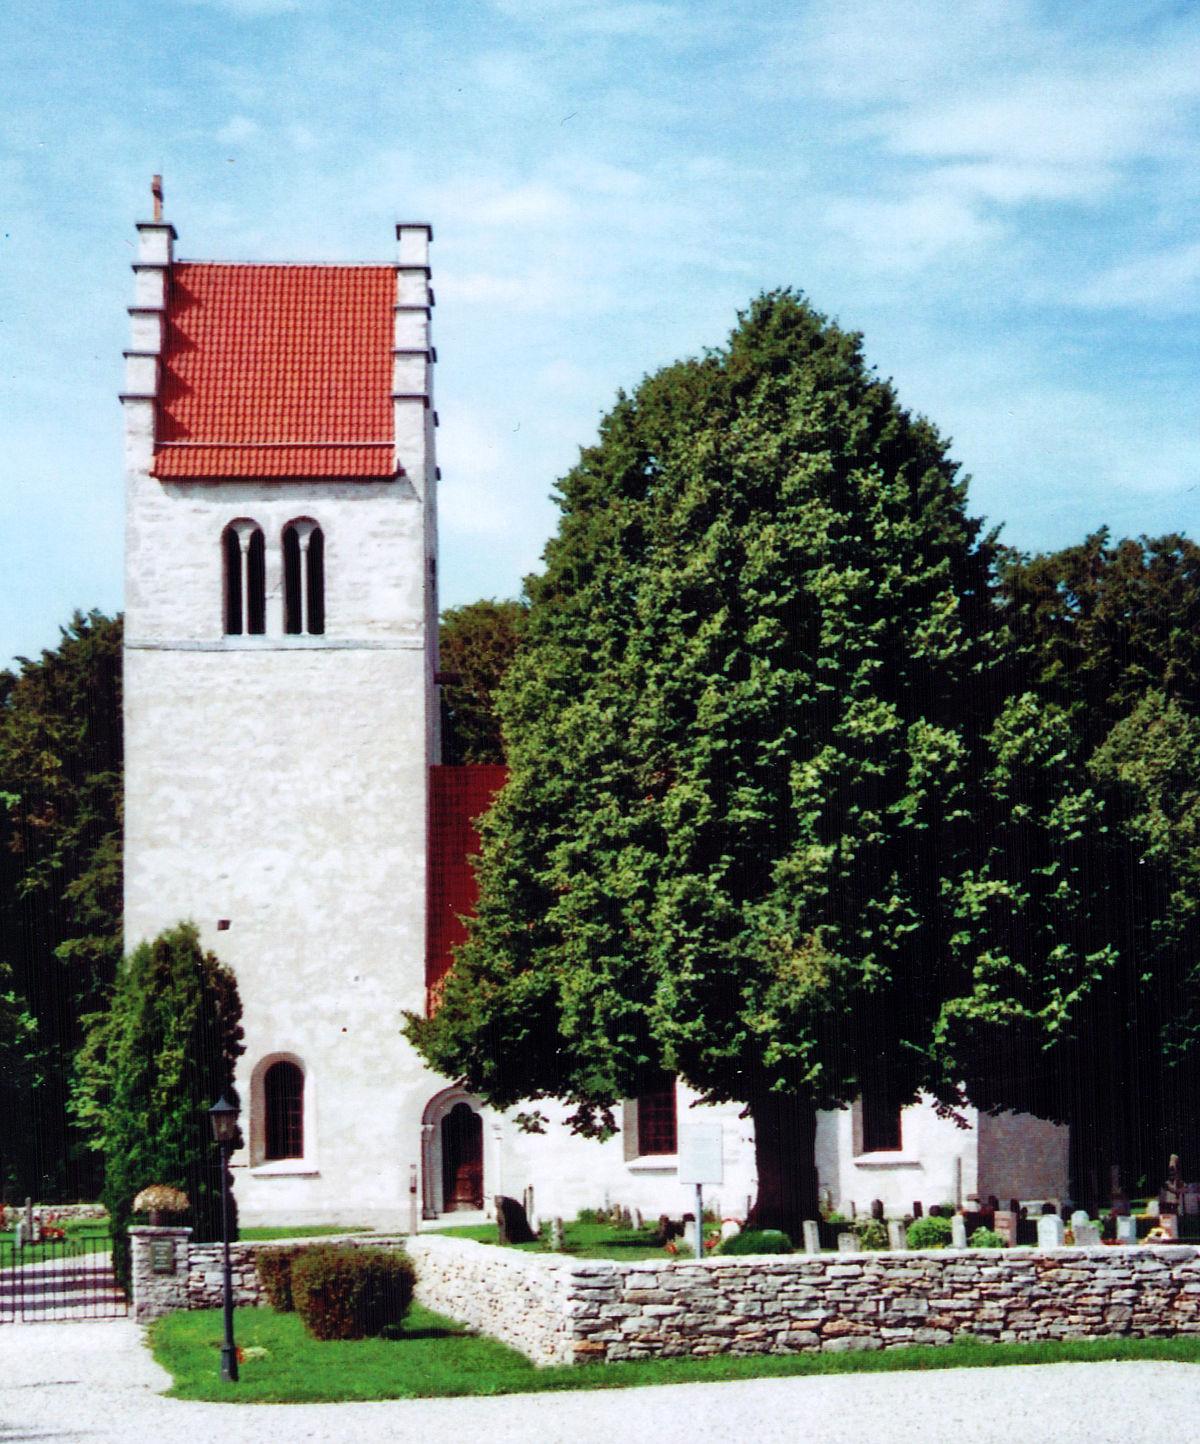 Vsterhejde kyrka, Gotland | Vsterhejde Church (Swedish